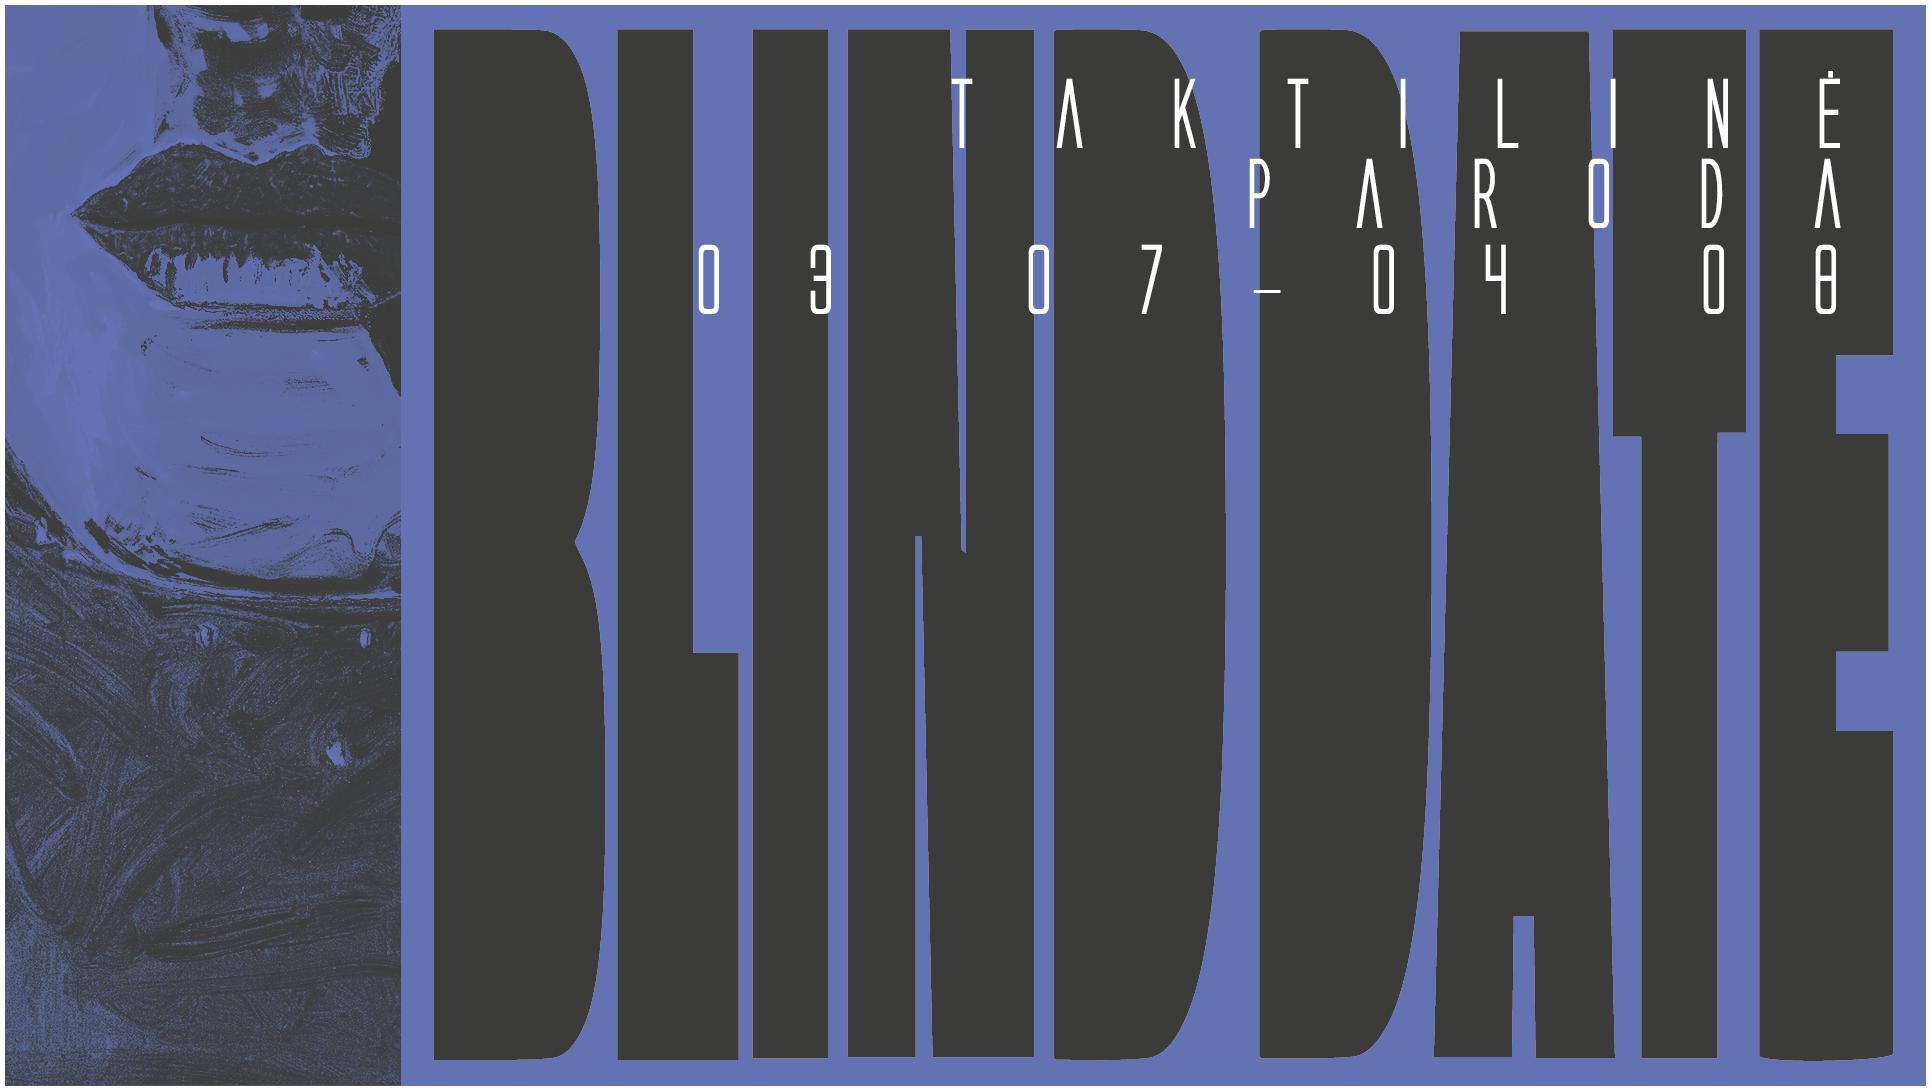 """Nacionalinėje dailės galerijoje – taktilinė paroda """"BLIND DATE"""""""